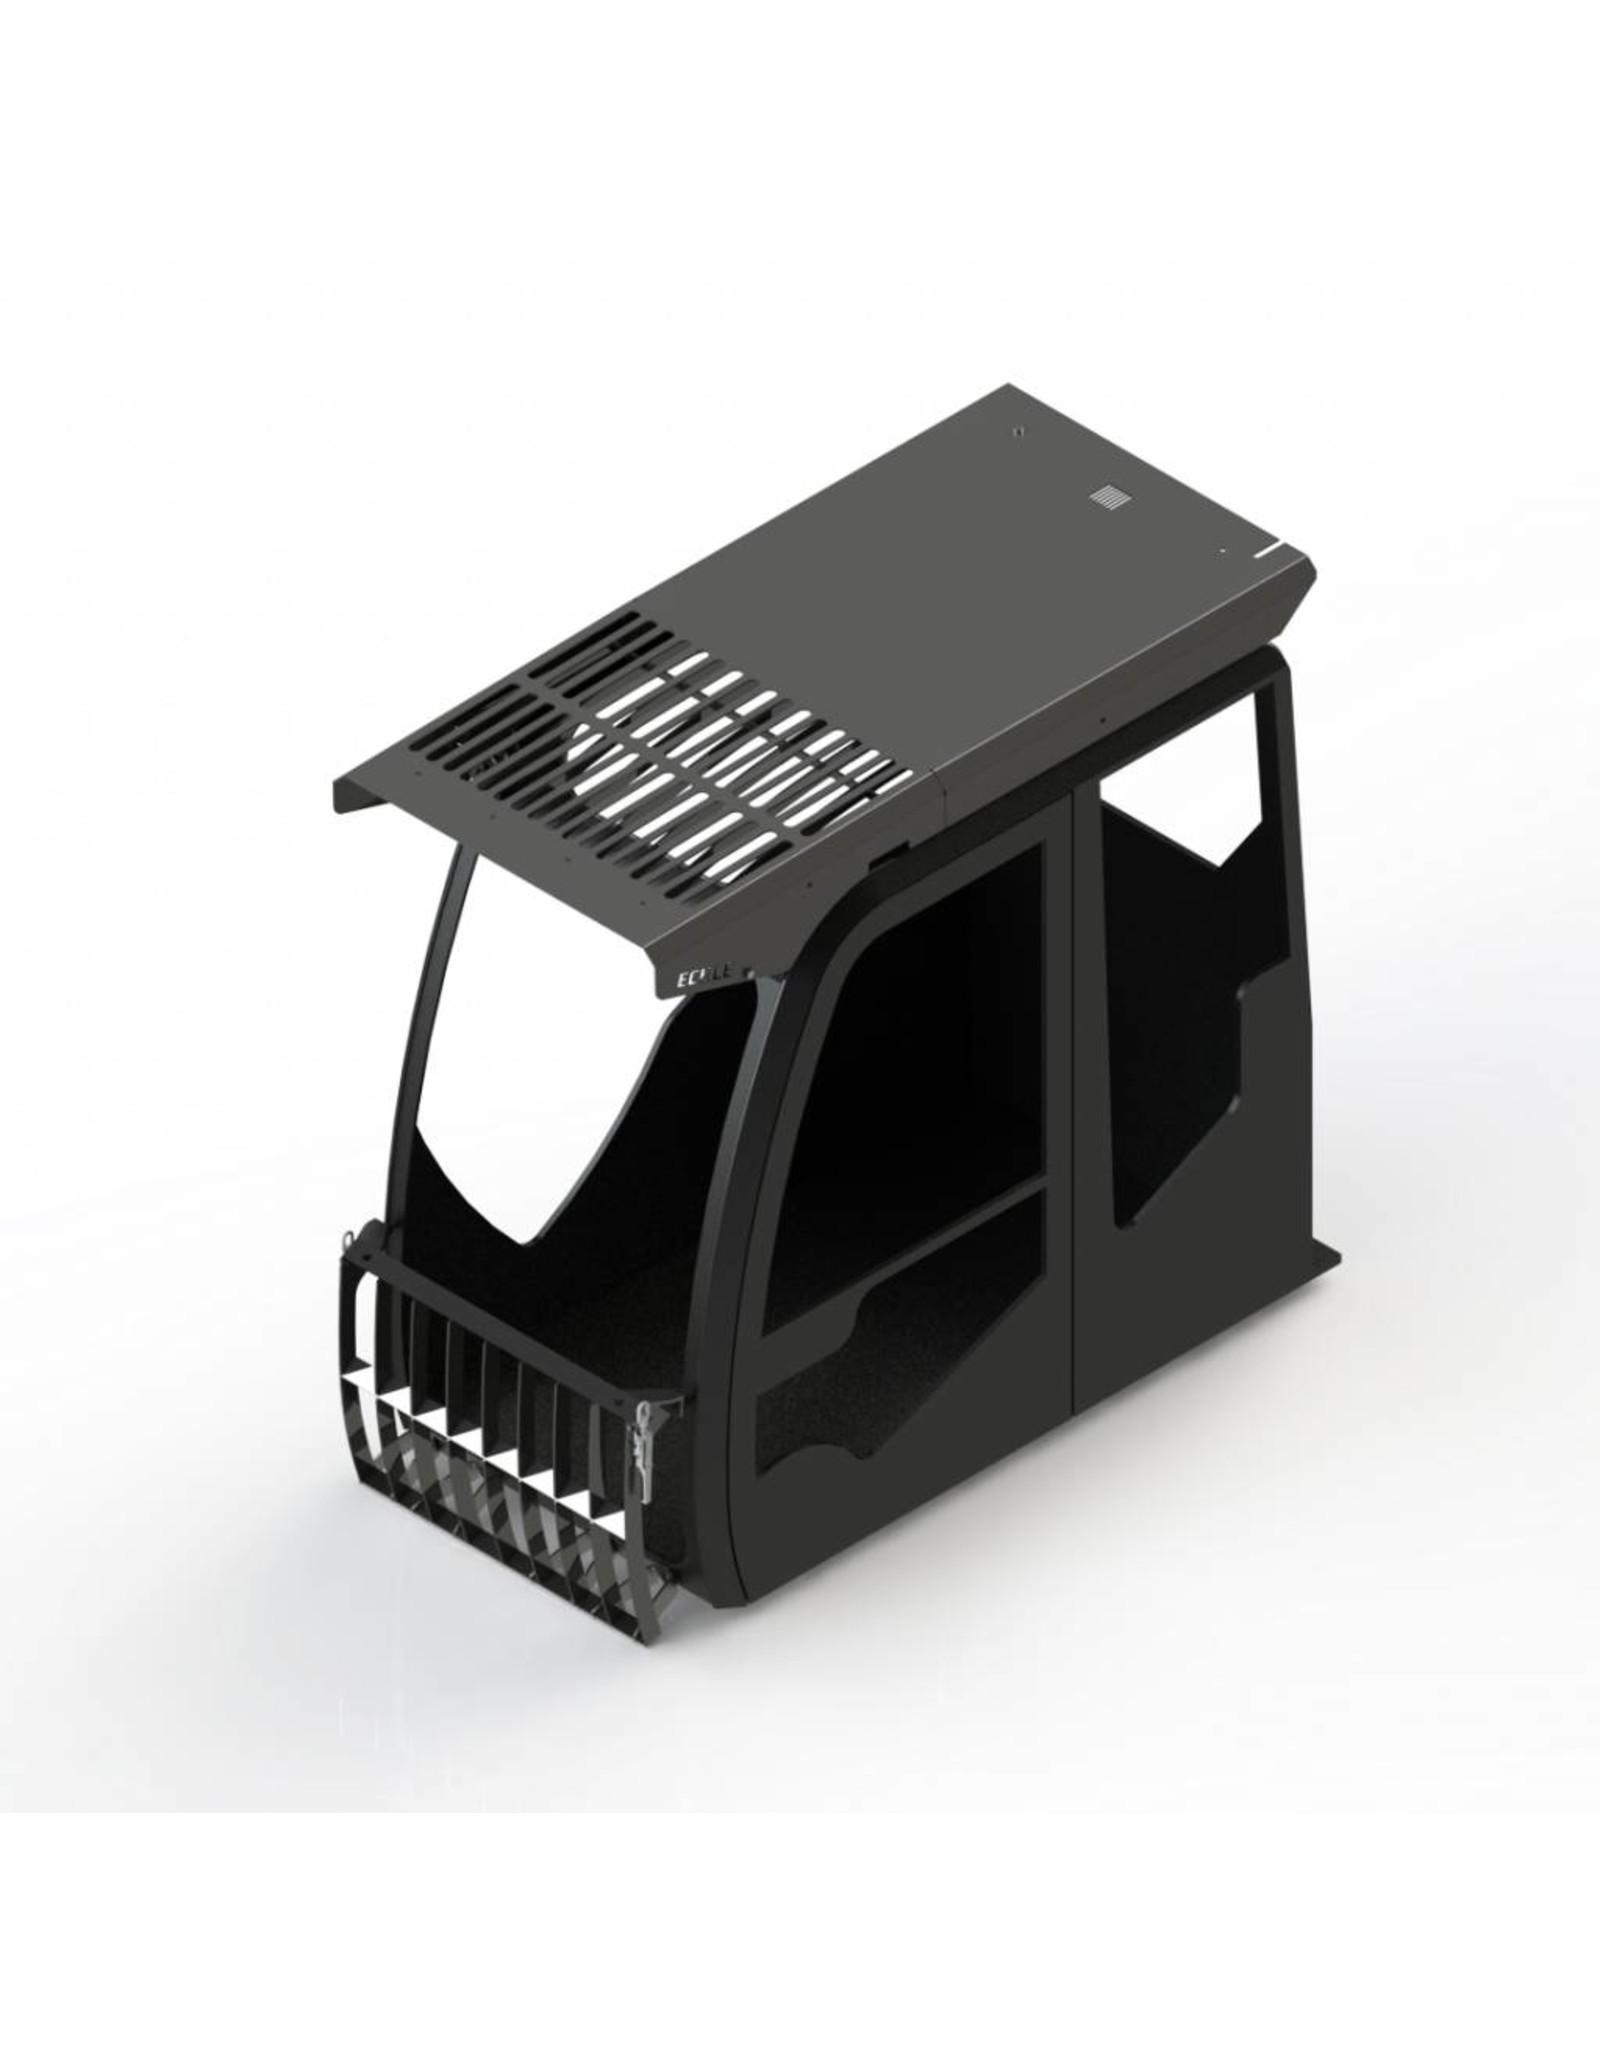 Echle Hartstahl GmbH FOPS for Doosan DX420LC-5